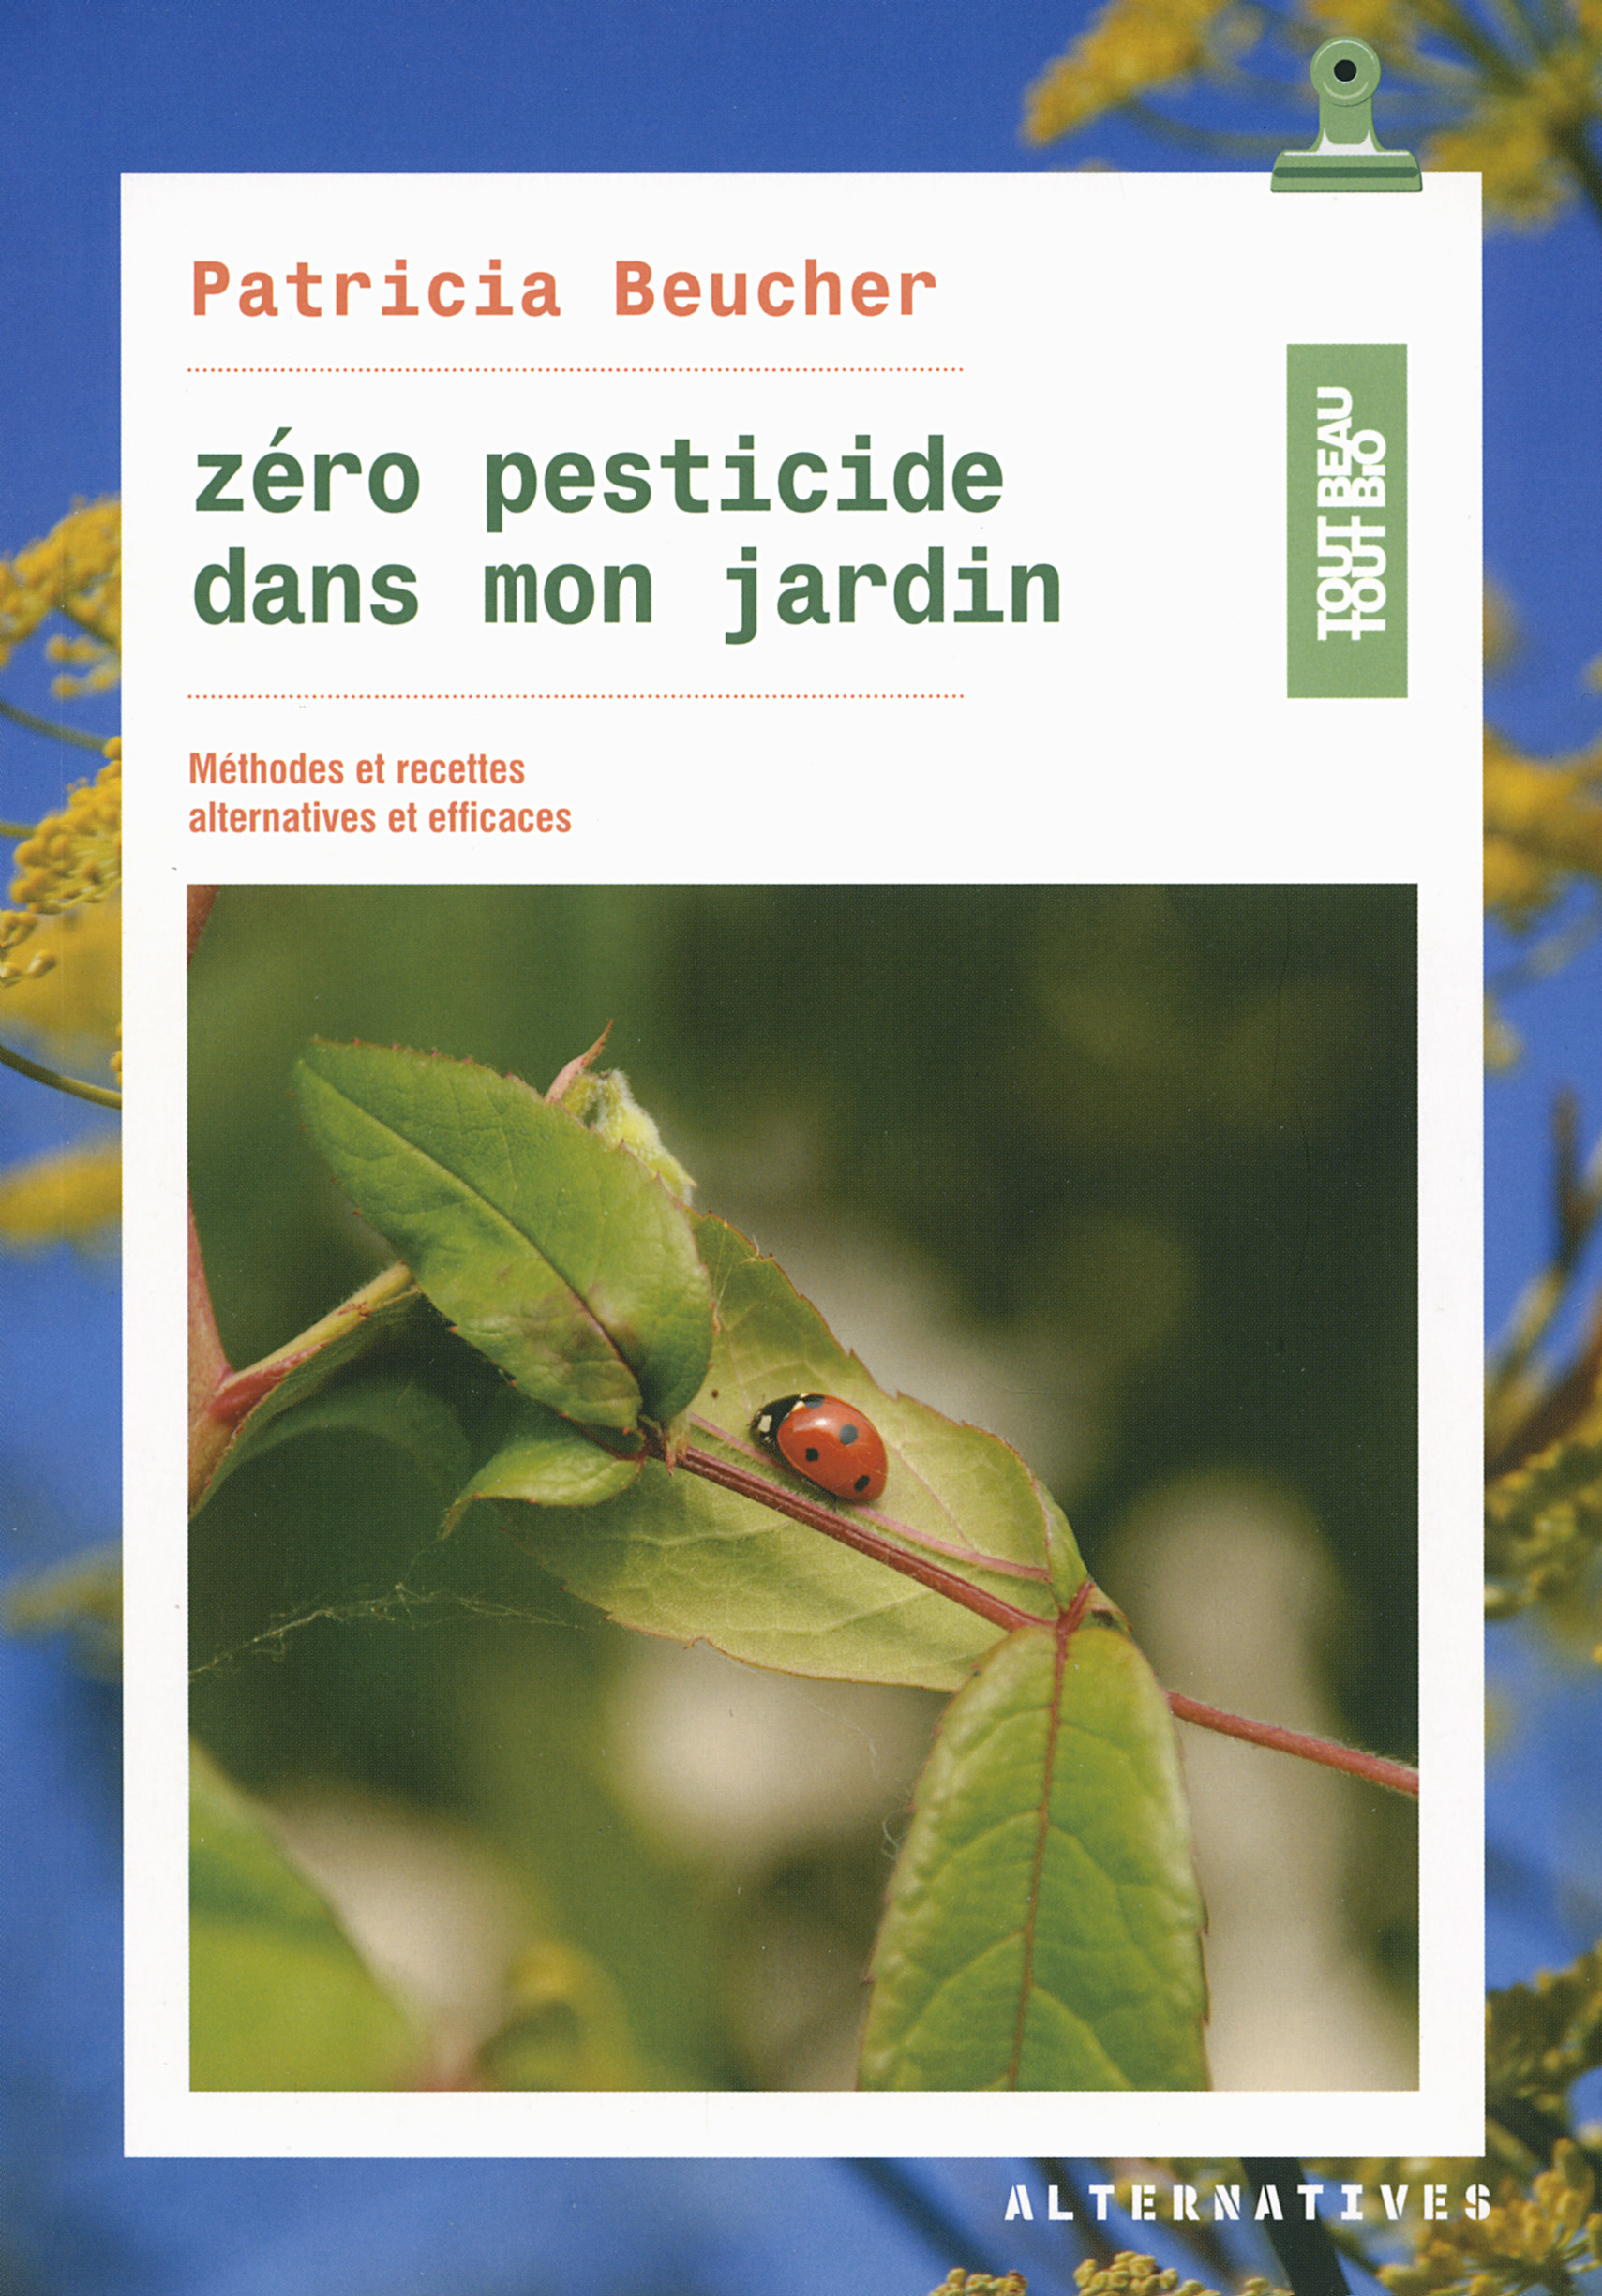 ZERO PESTICIDE DANS MON JARDIN - METHODES ET RECETTES ALTERNATIVES ET EFFICACES